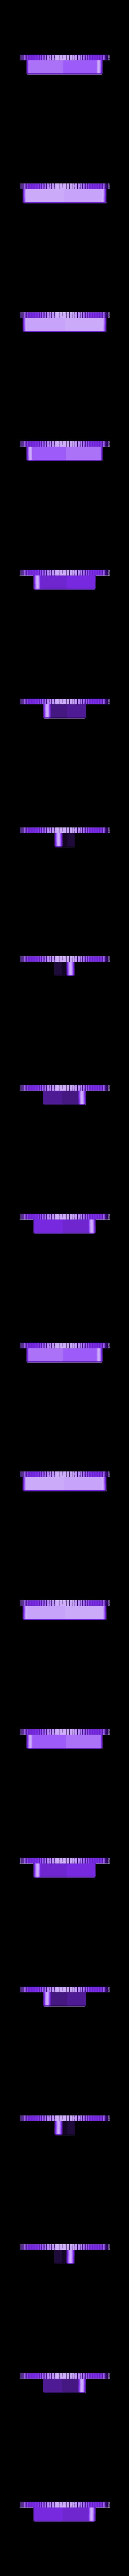 tool.stl Télécharger fichier STL gratuit Recycleur de bobines de filaments • Design pour imprimante 3D, theveel